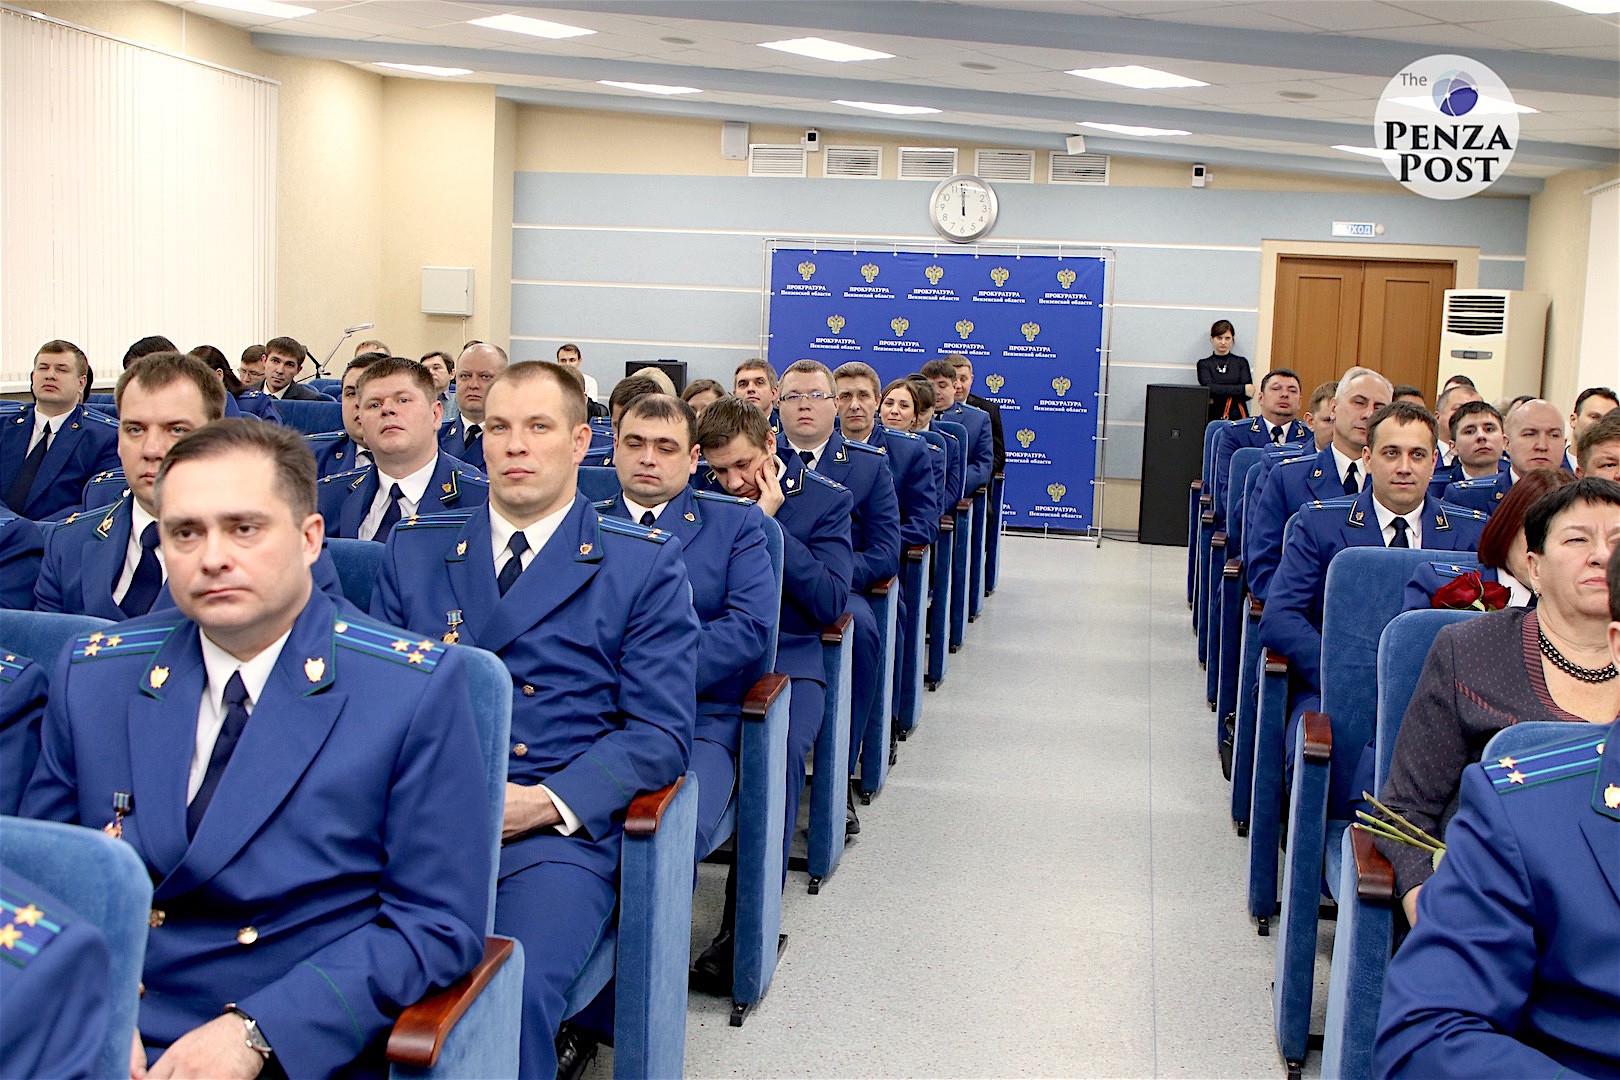 Заместитель прокурора Самарской области Алексей Павлов согласован на должность нового пензенского прокурора - источник